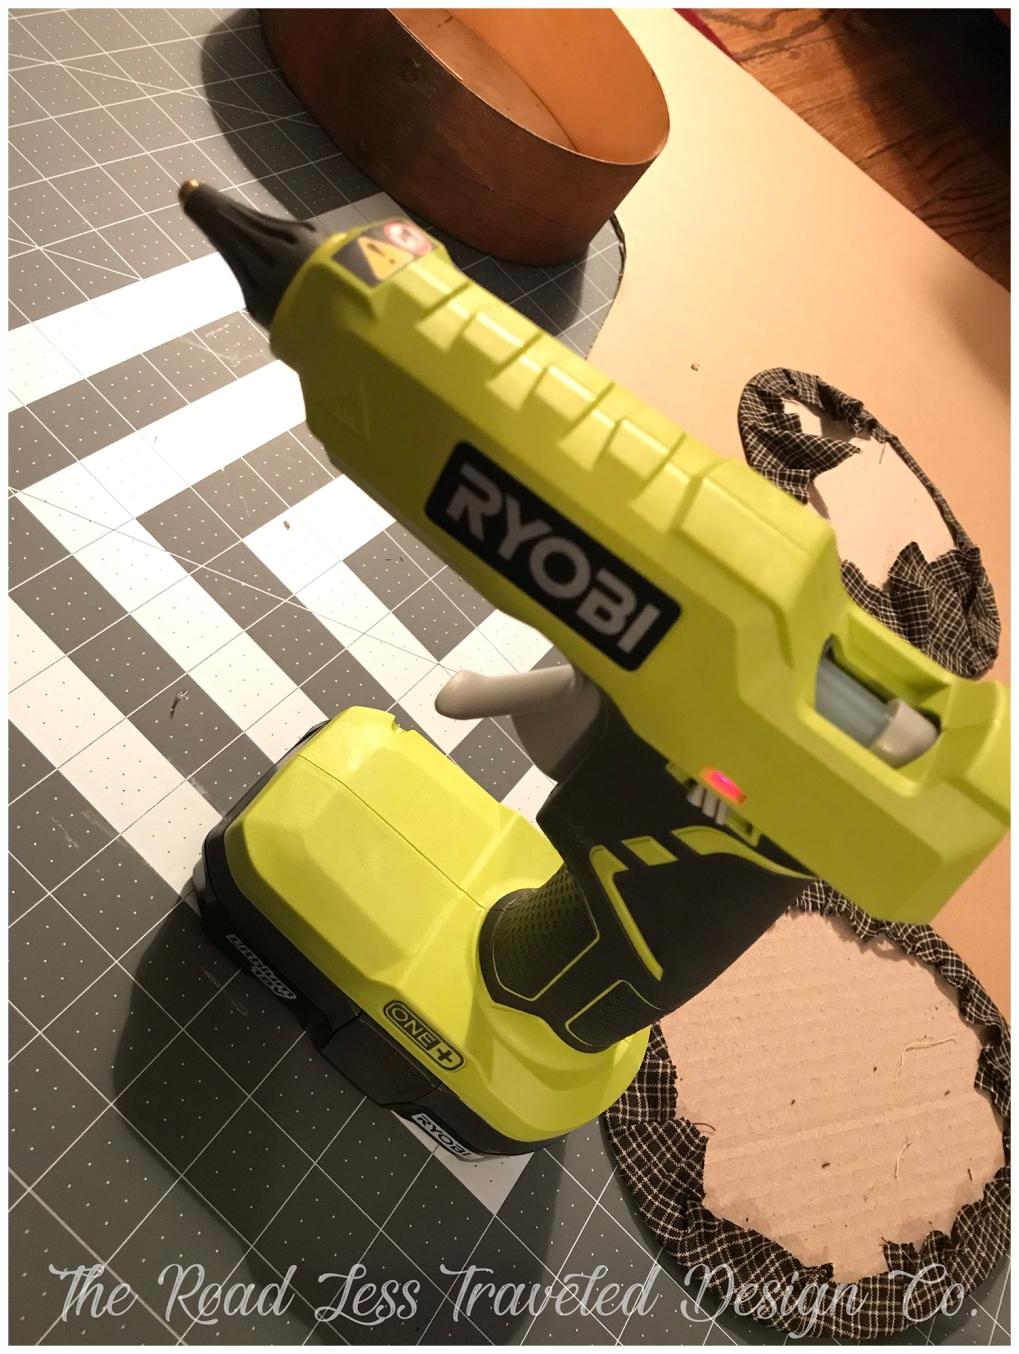 Ryobi Glue Gun